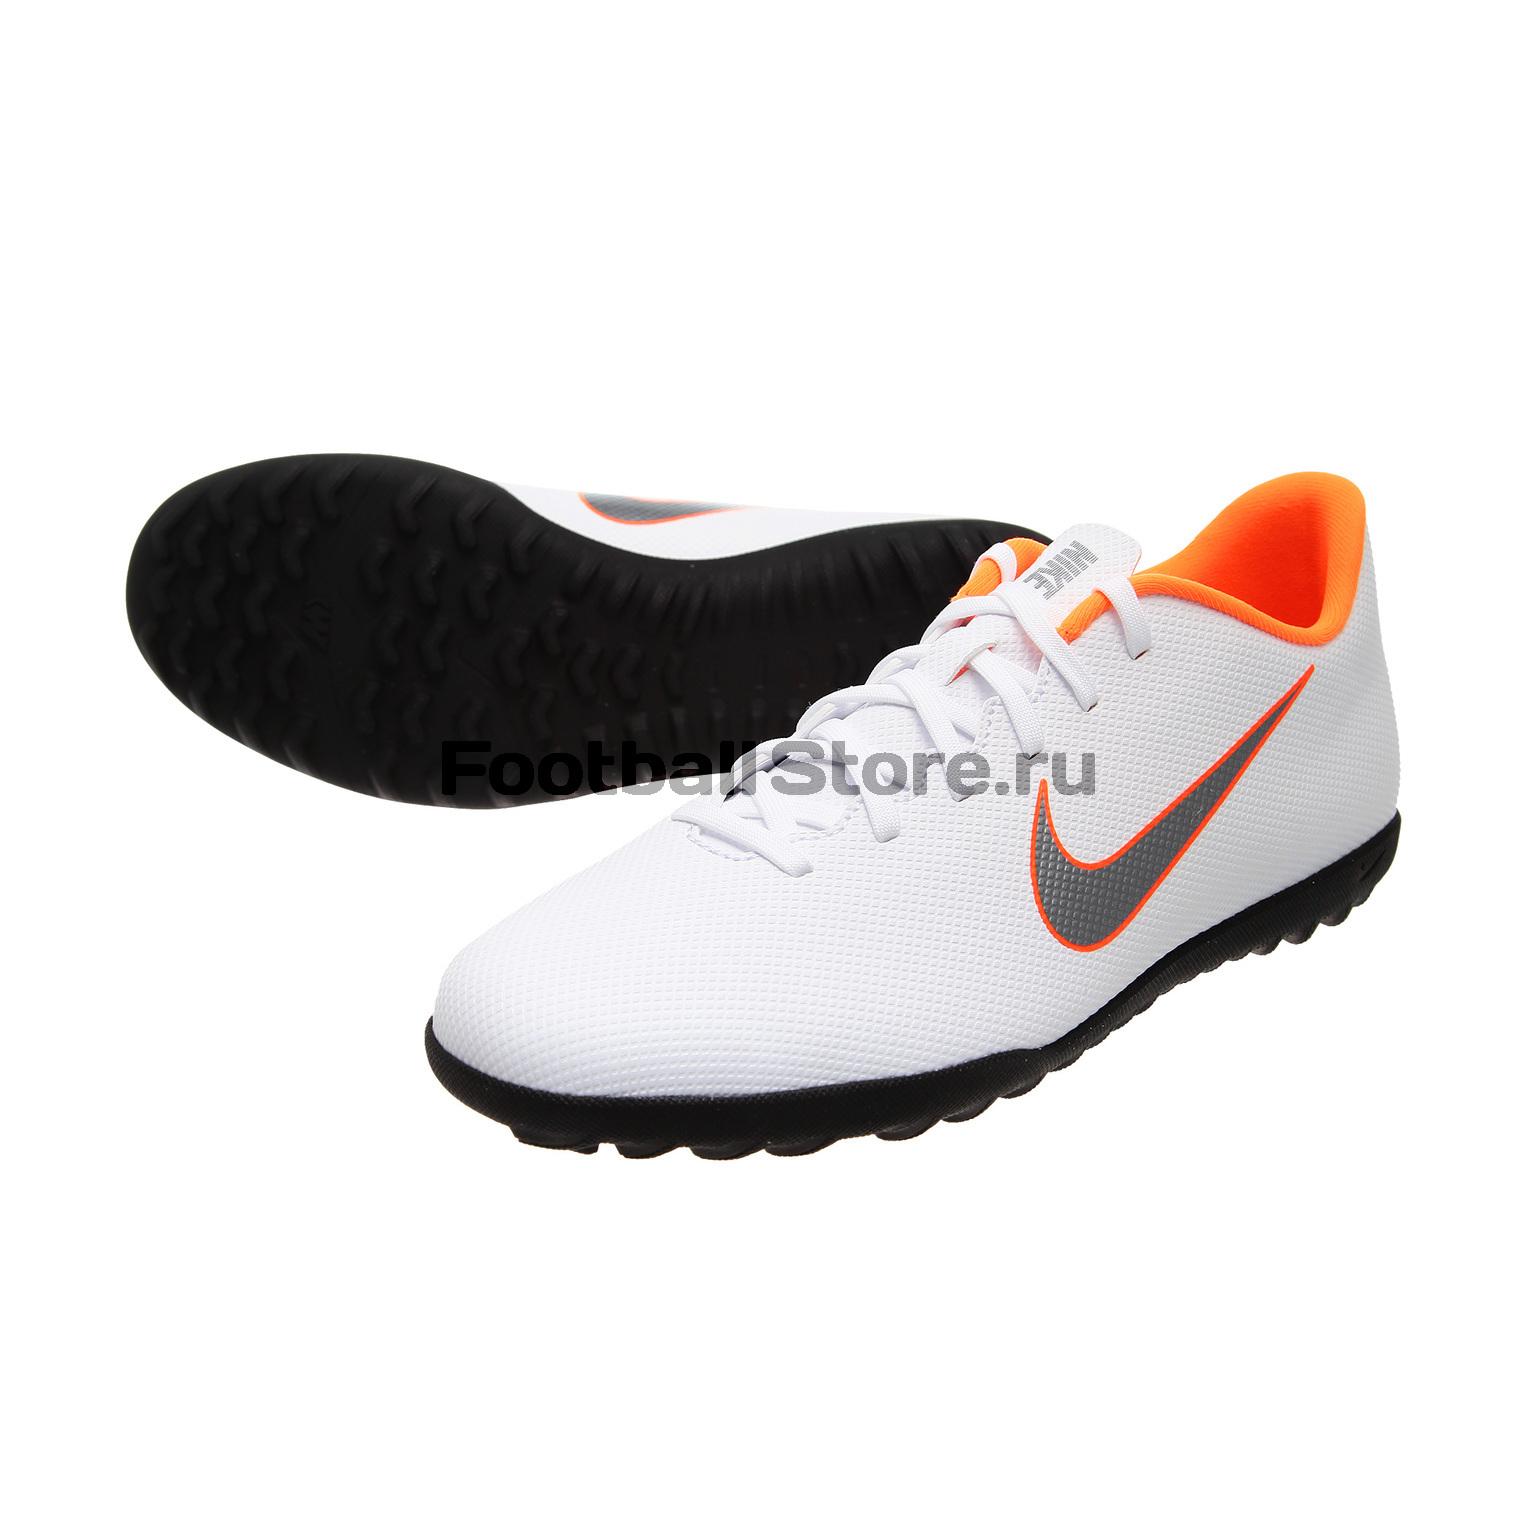 Шиповки Nike VaporX 12 Club TF AH7386-107 шиповки nike vaporx 12 pro tf ah7388 810